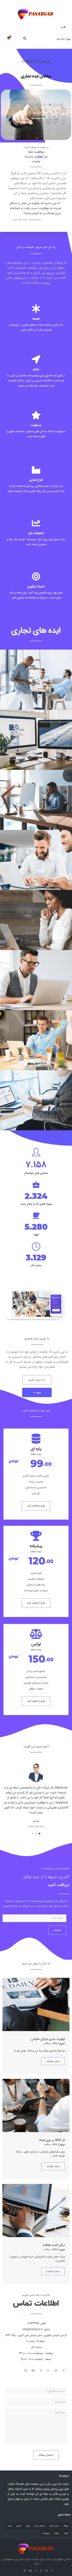 تصویر سایت پاسارگاد در حالت موبایل